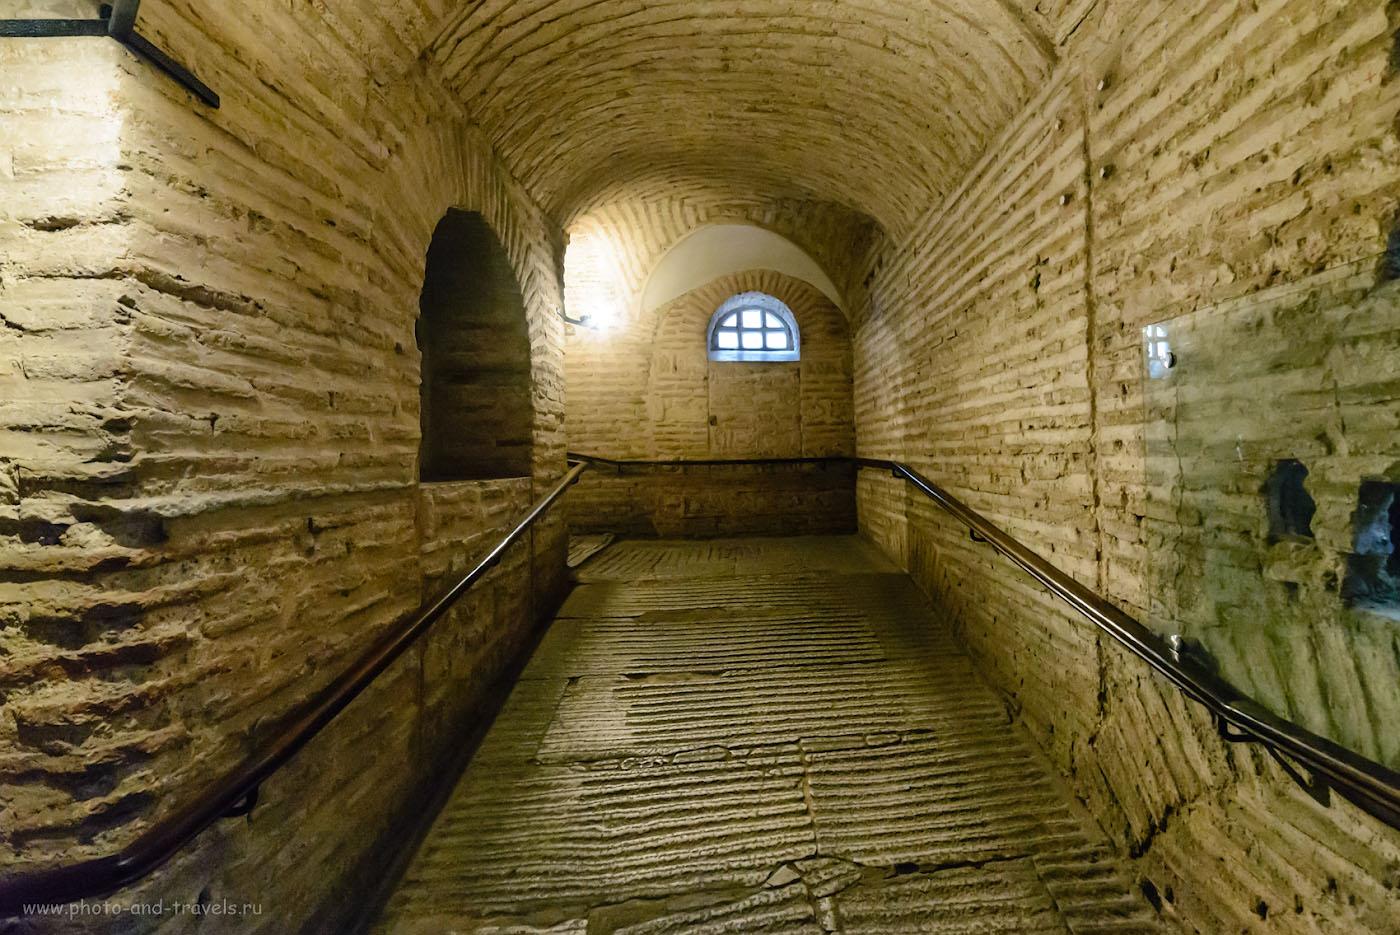 Фото 25. Коридор на второй этаж, в галерею Айя-Софии. Что мы успели посмотреть в Стамбуле за один день. 1/60, +1.0, 8063, 14.